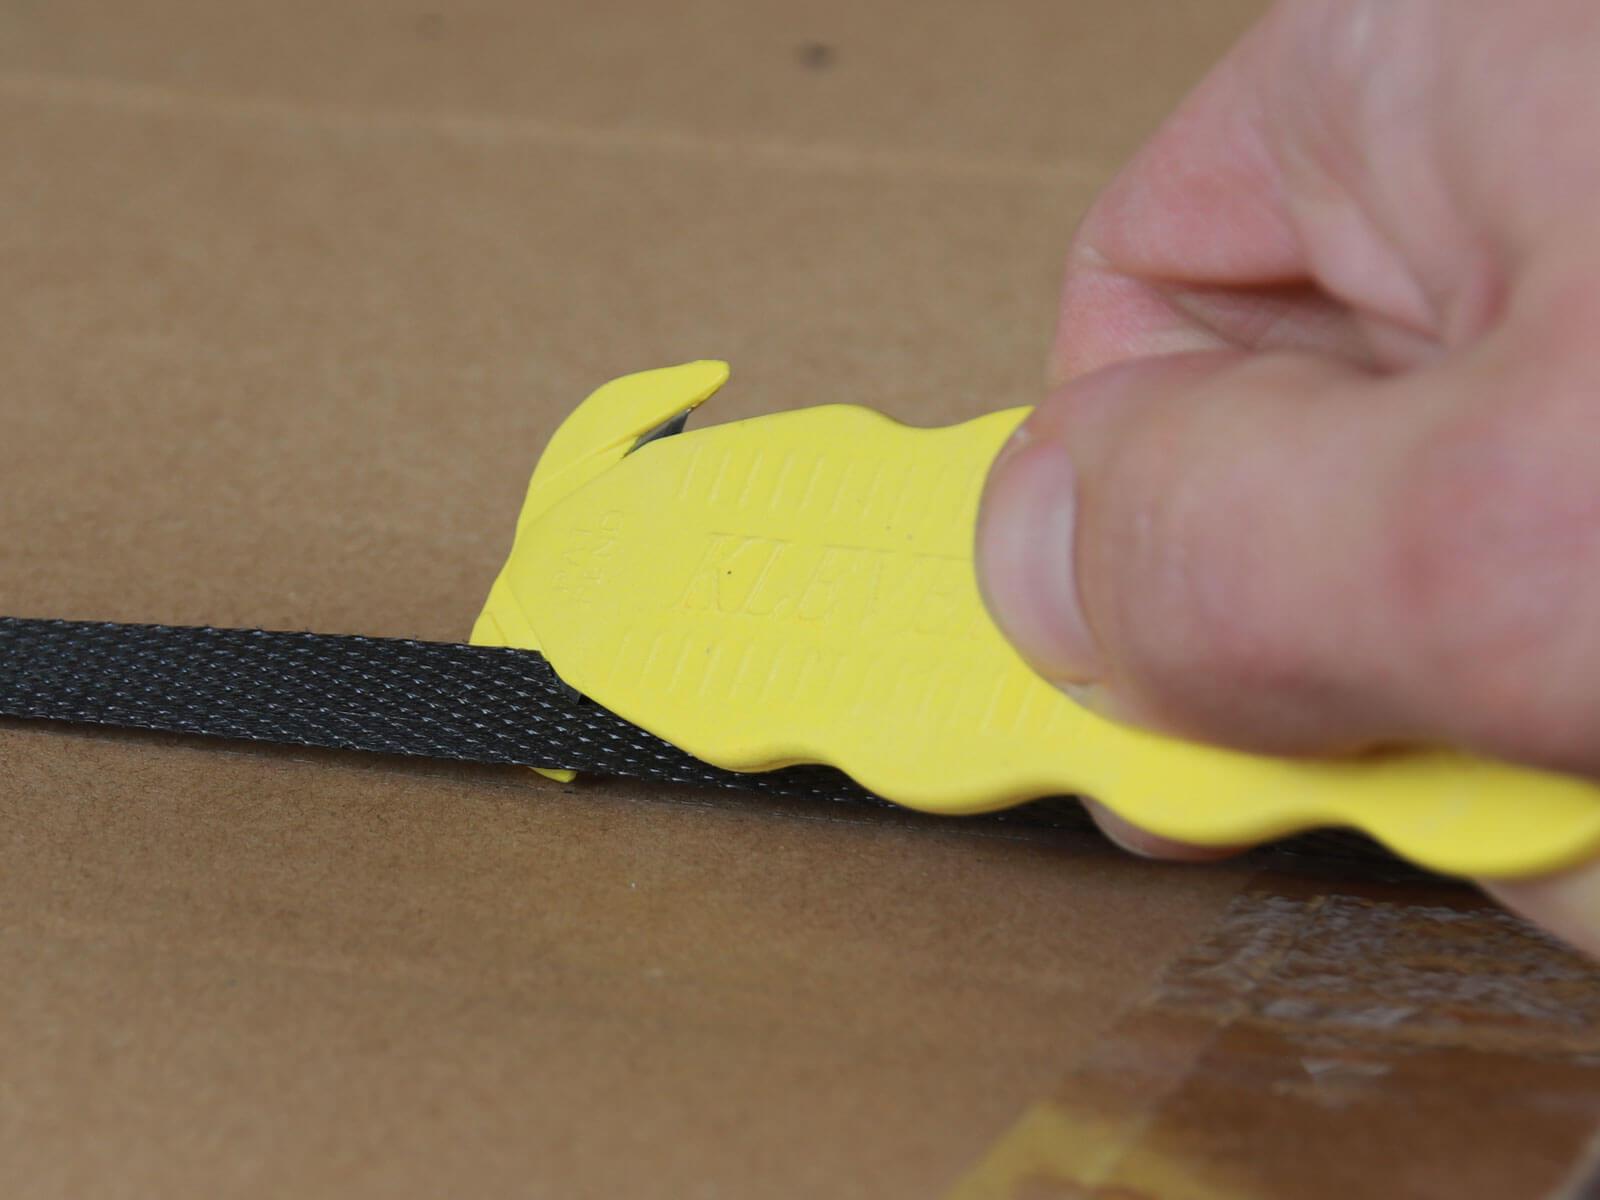 H035G Sicherheitsmesser Schutzhaken mini Umreifungsband schneiden CURT-tools